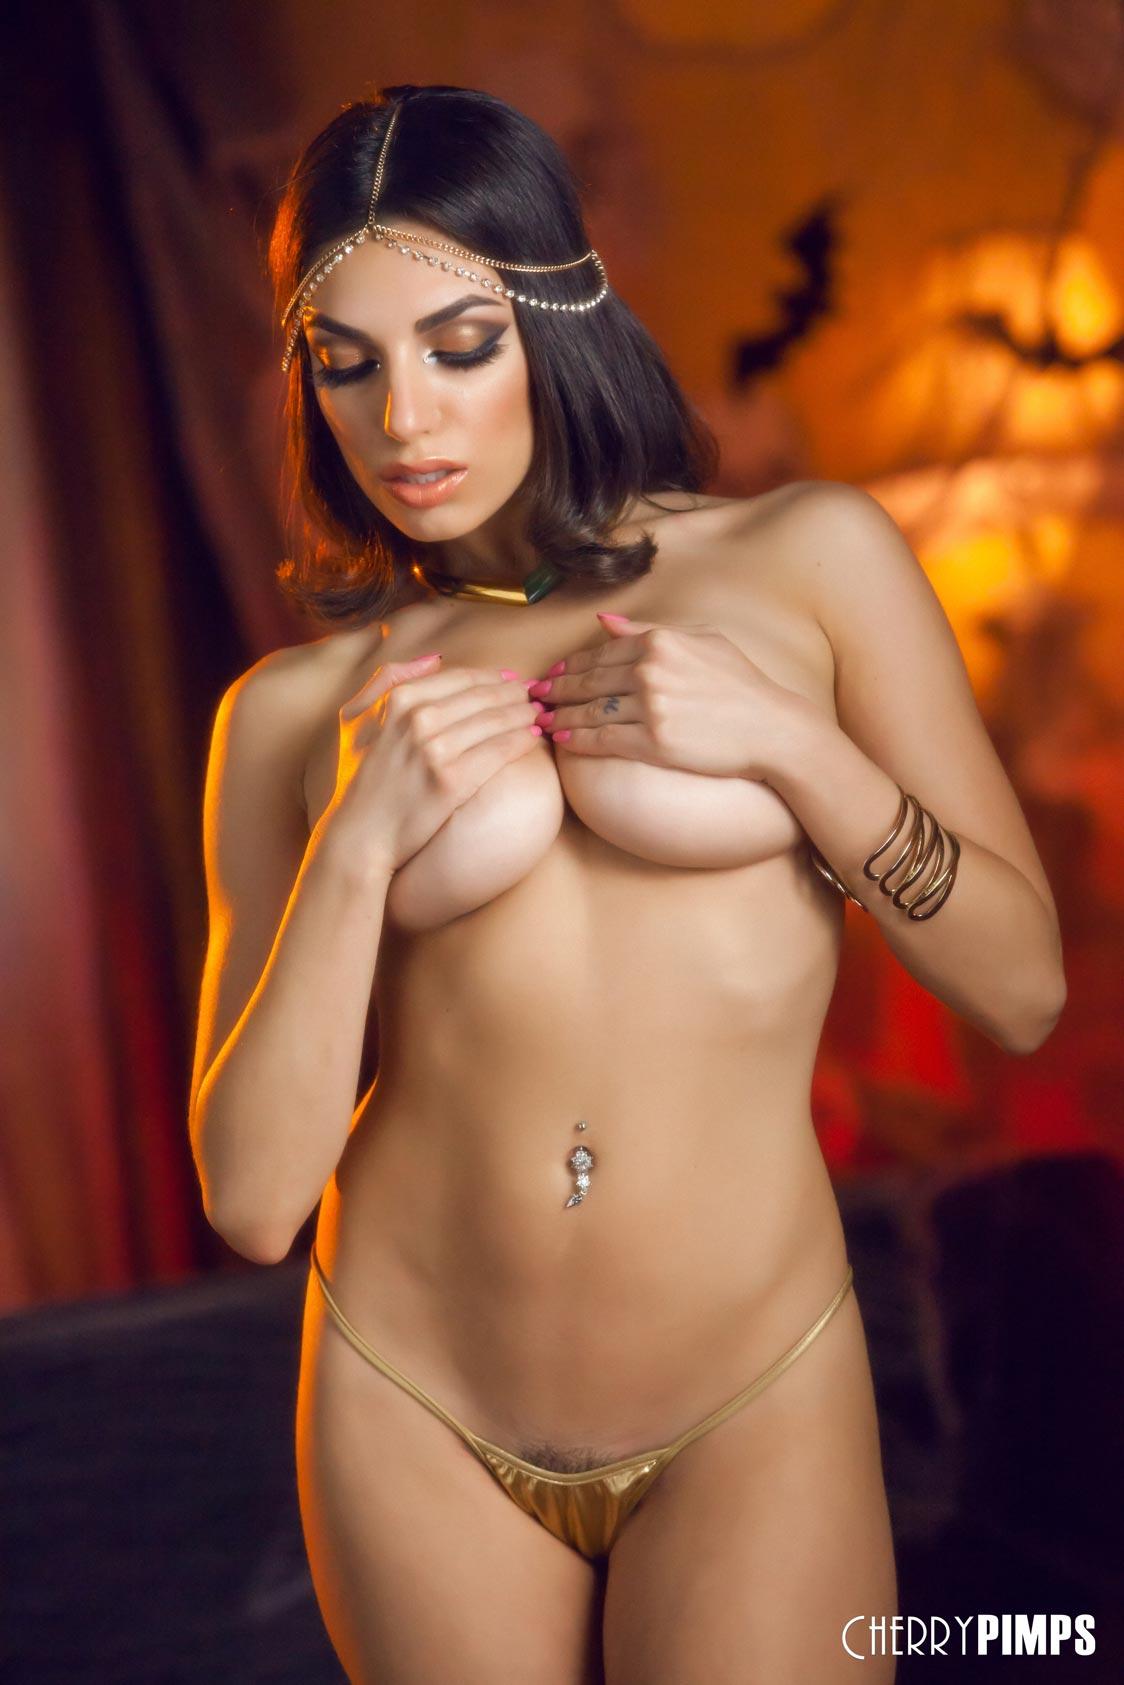 Dj darcie dolce nude